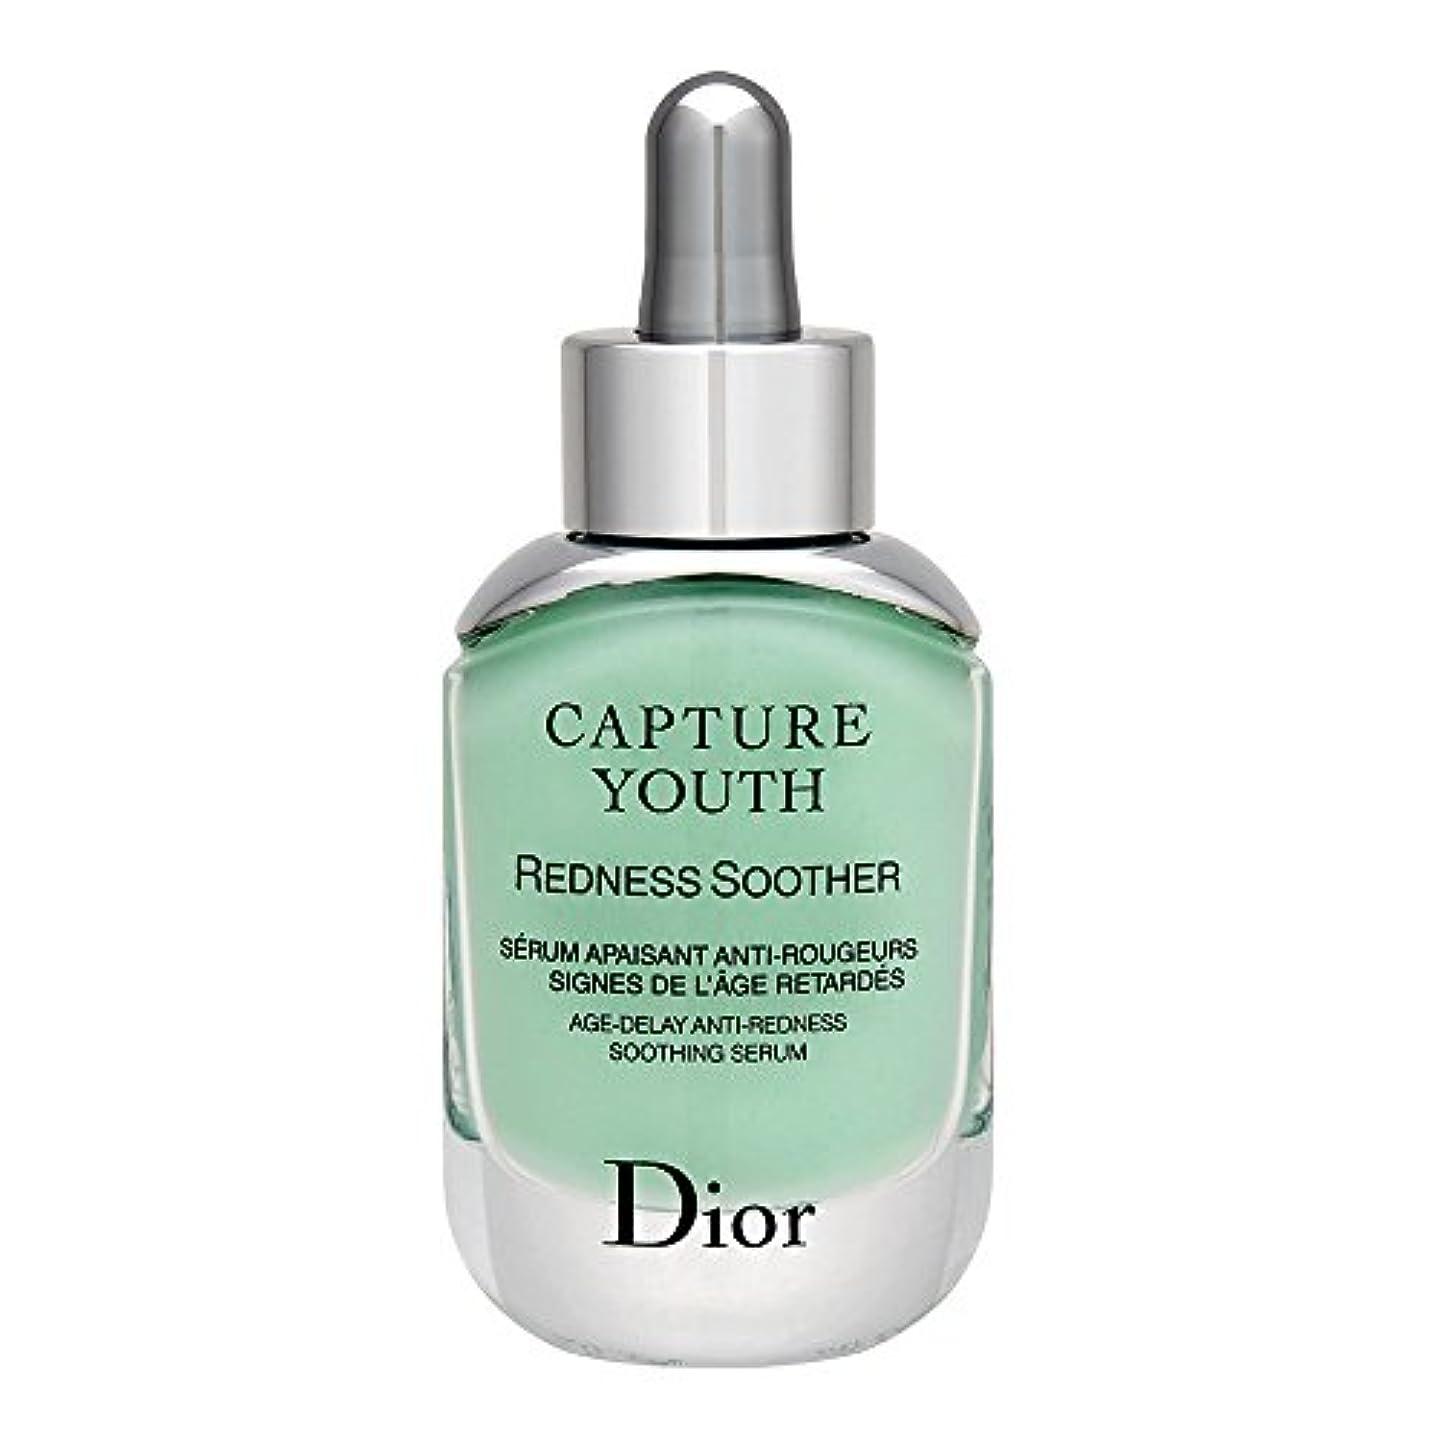 マイル虫を数える性的クリスチャンディオール Christian Dior カプチュール ユース レッドネス ミニマイザー 30mL [並行輸入品]